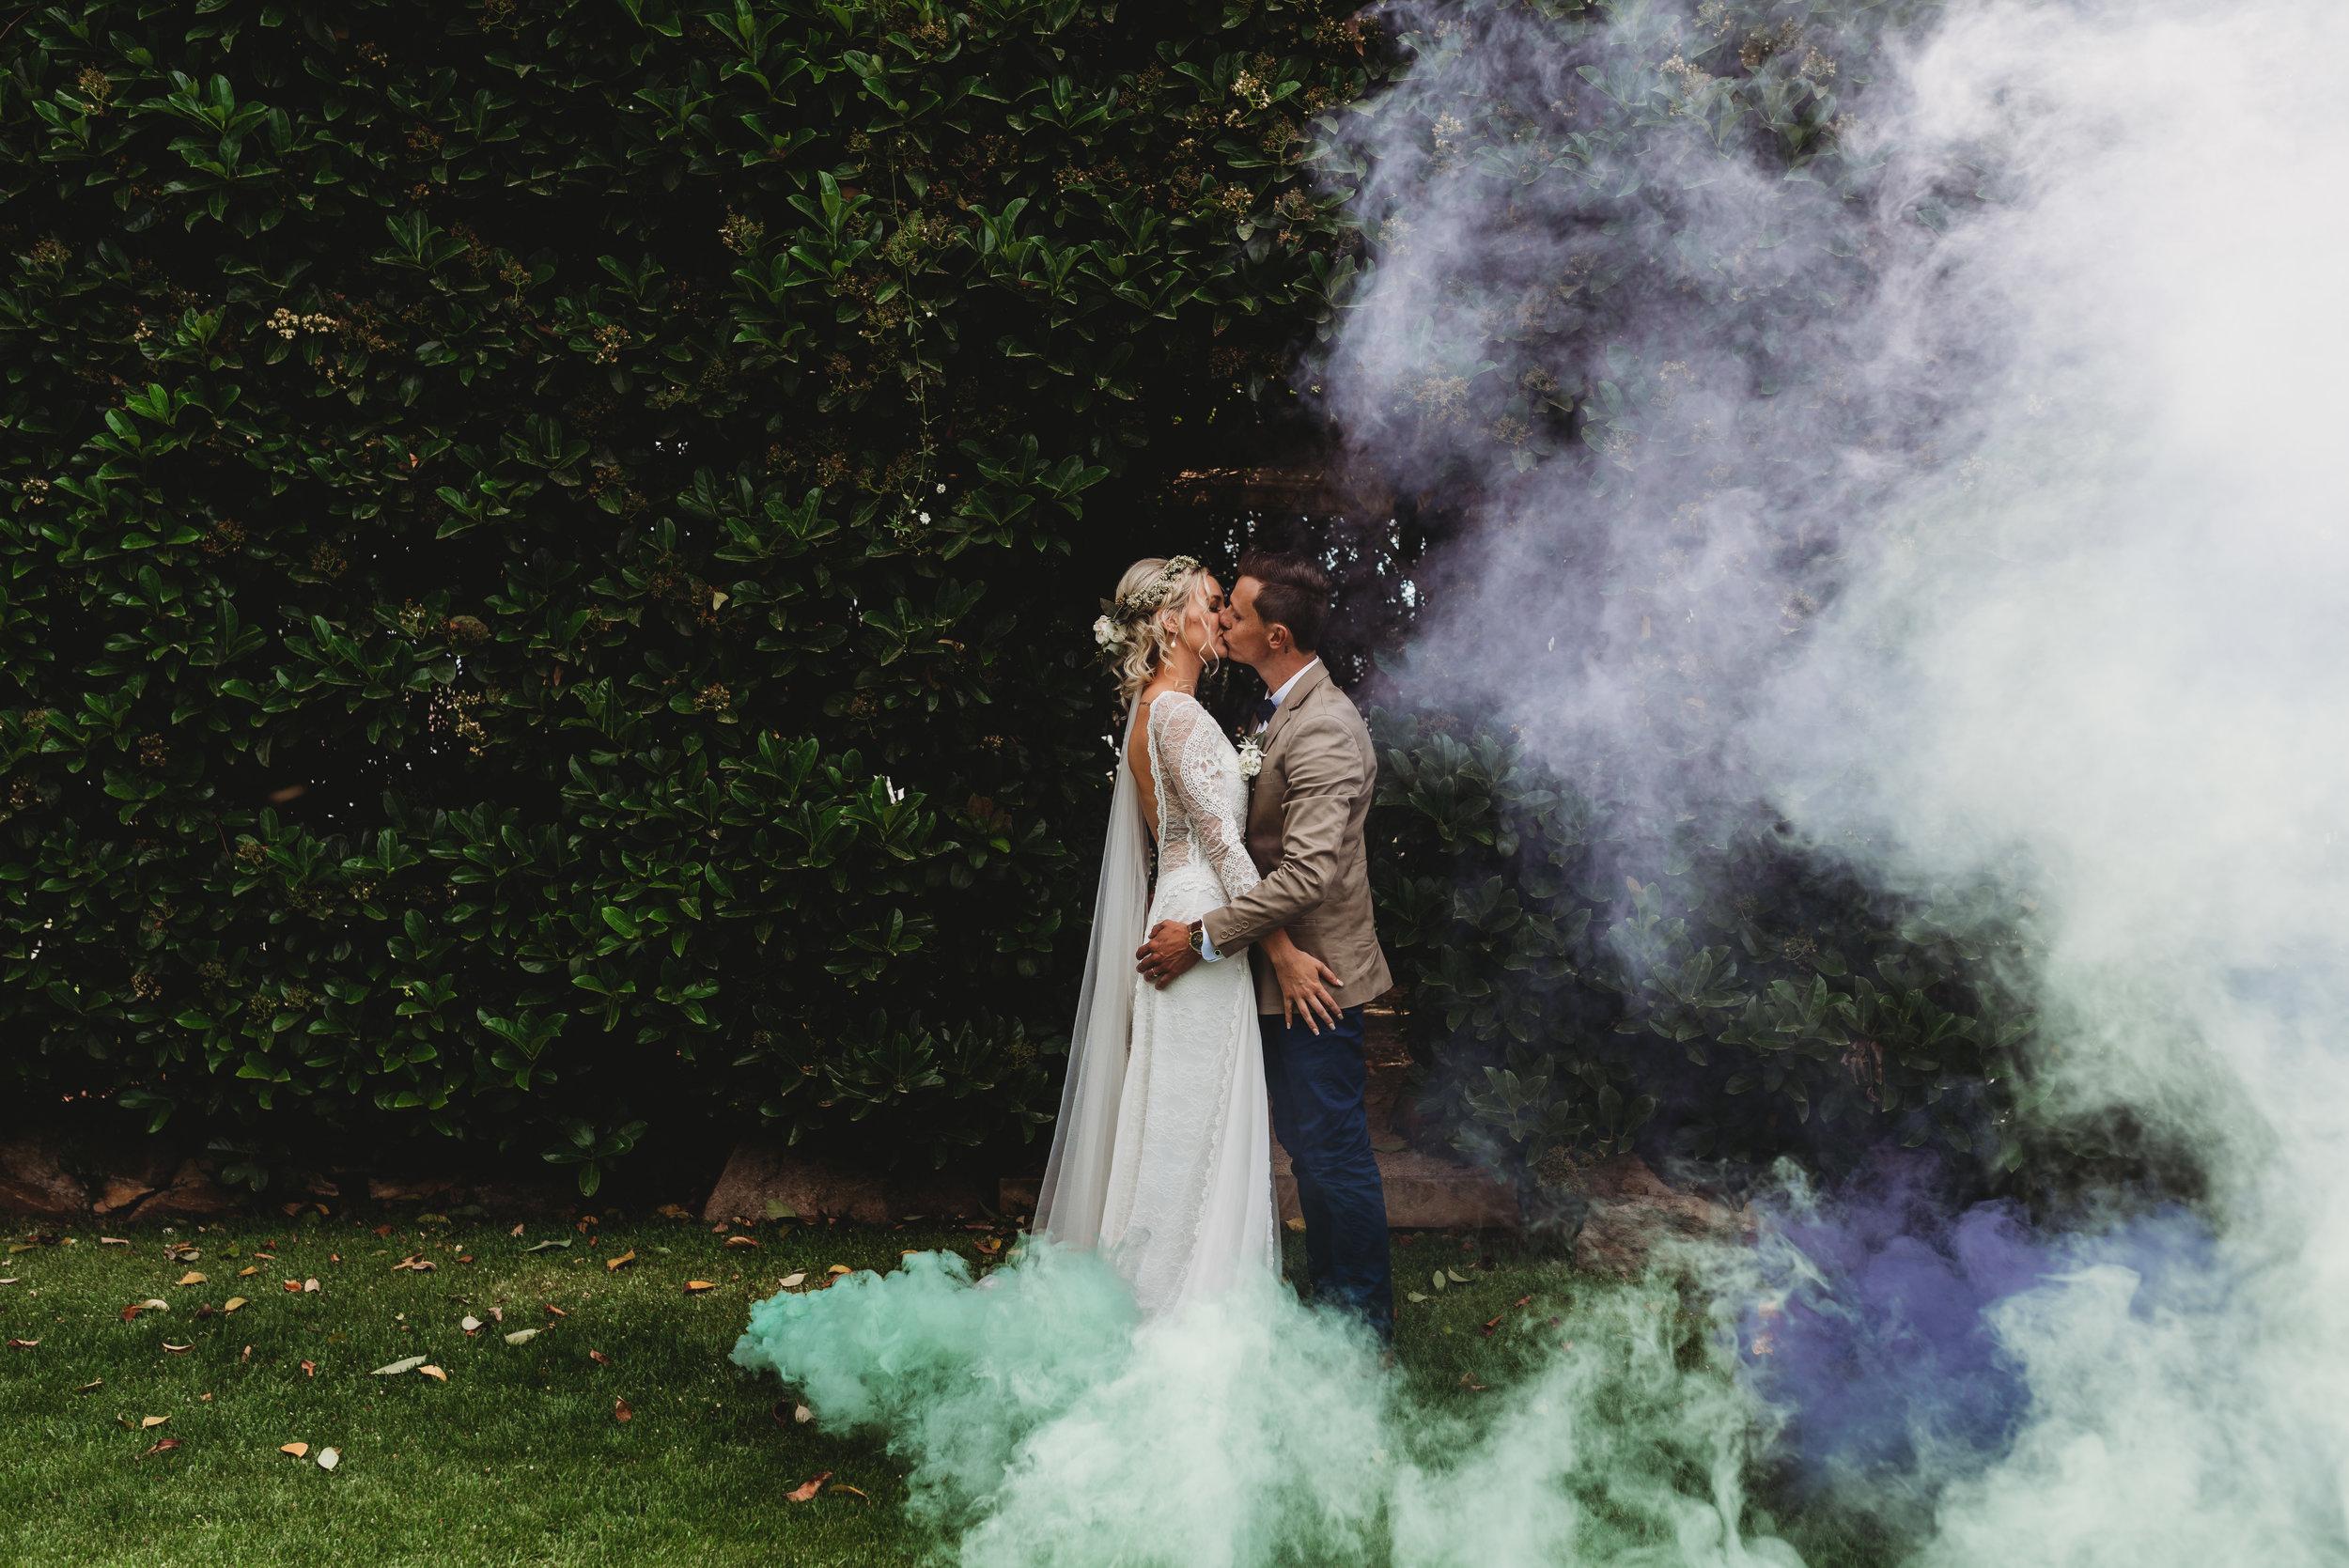 Vanessa & Jack - Mt Annan/Camden Wedding    28th October 2018